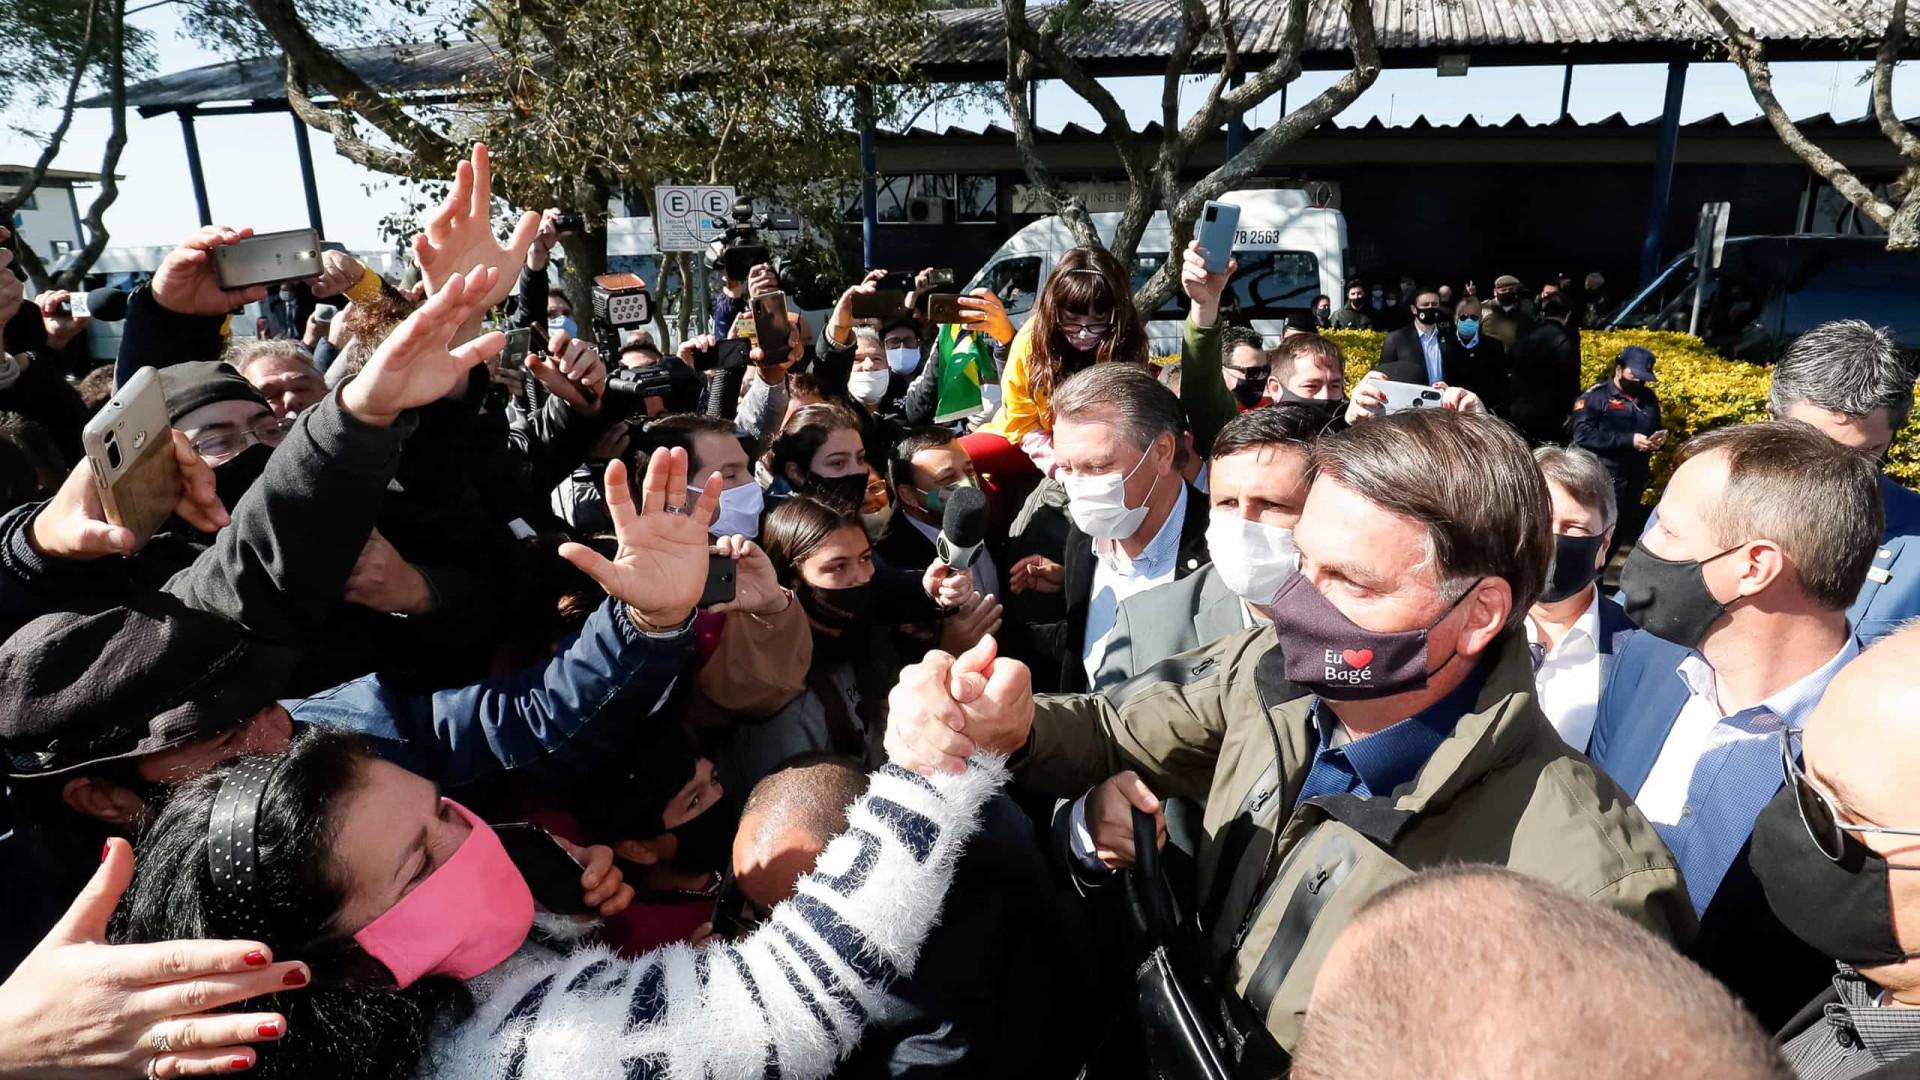 Visita de Bolsonaro provoca aglomeração em Bagé, no RS